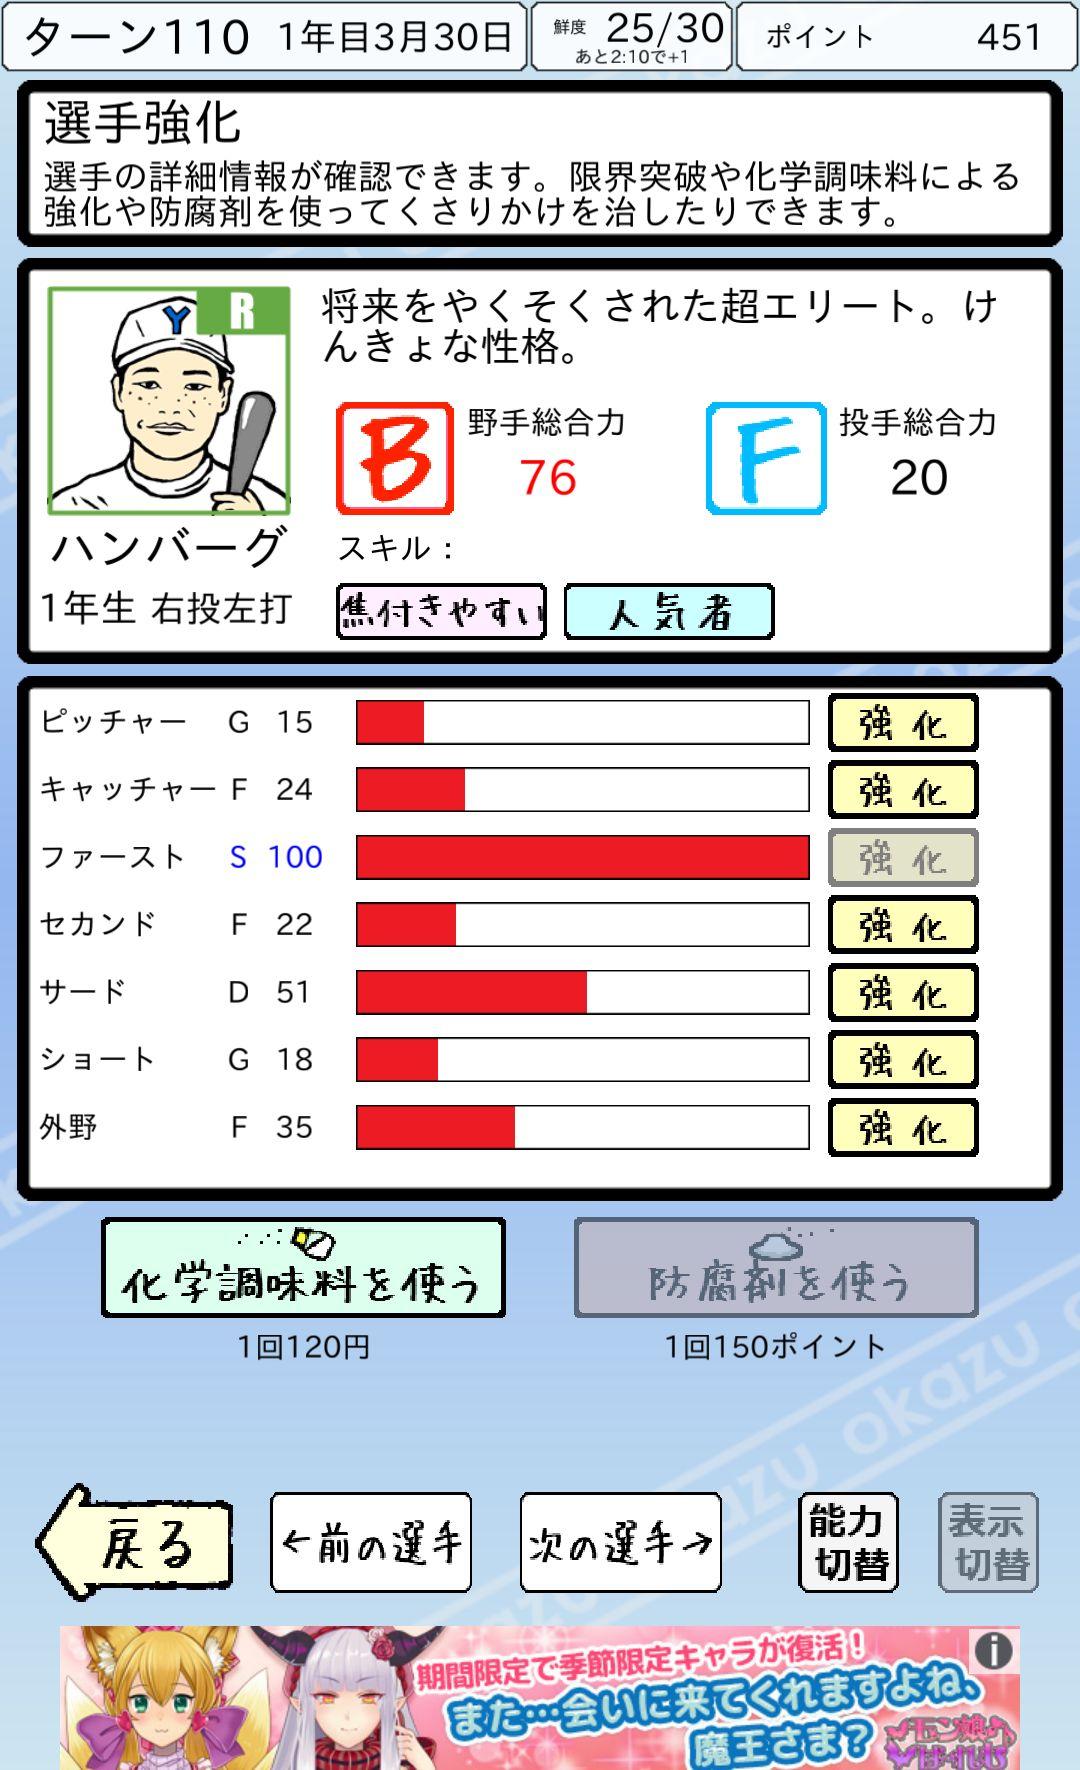 おかず甲子園 androidアプリスクリーンショット3